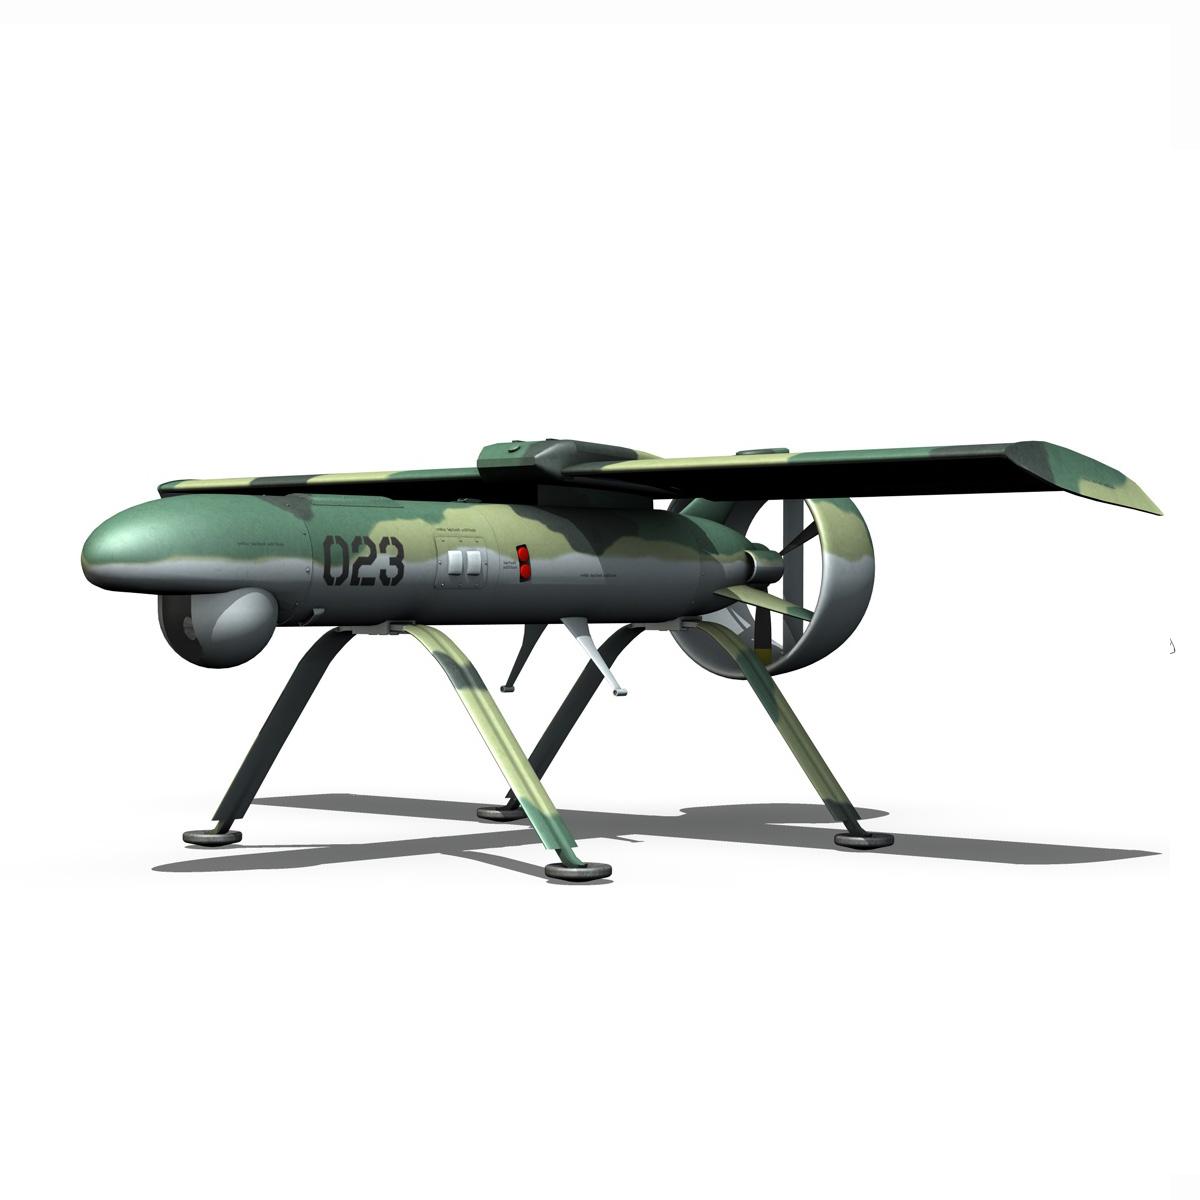 pchela 1t drone orosz uav 3d modell 3ds fbx c4d lwo obj 188465